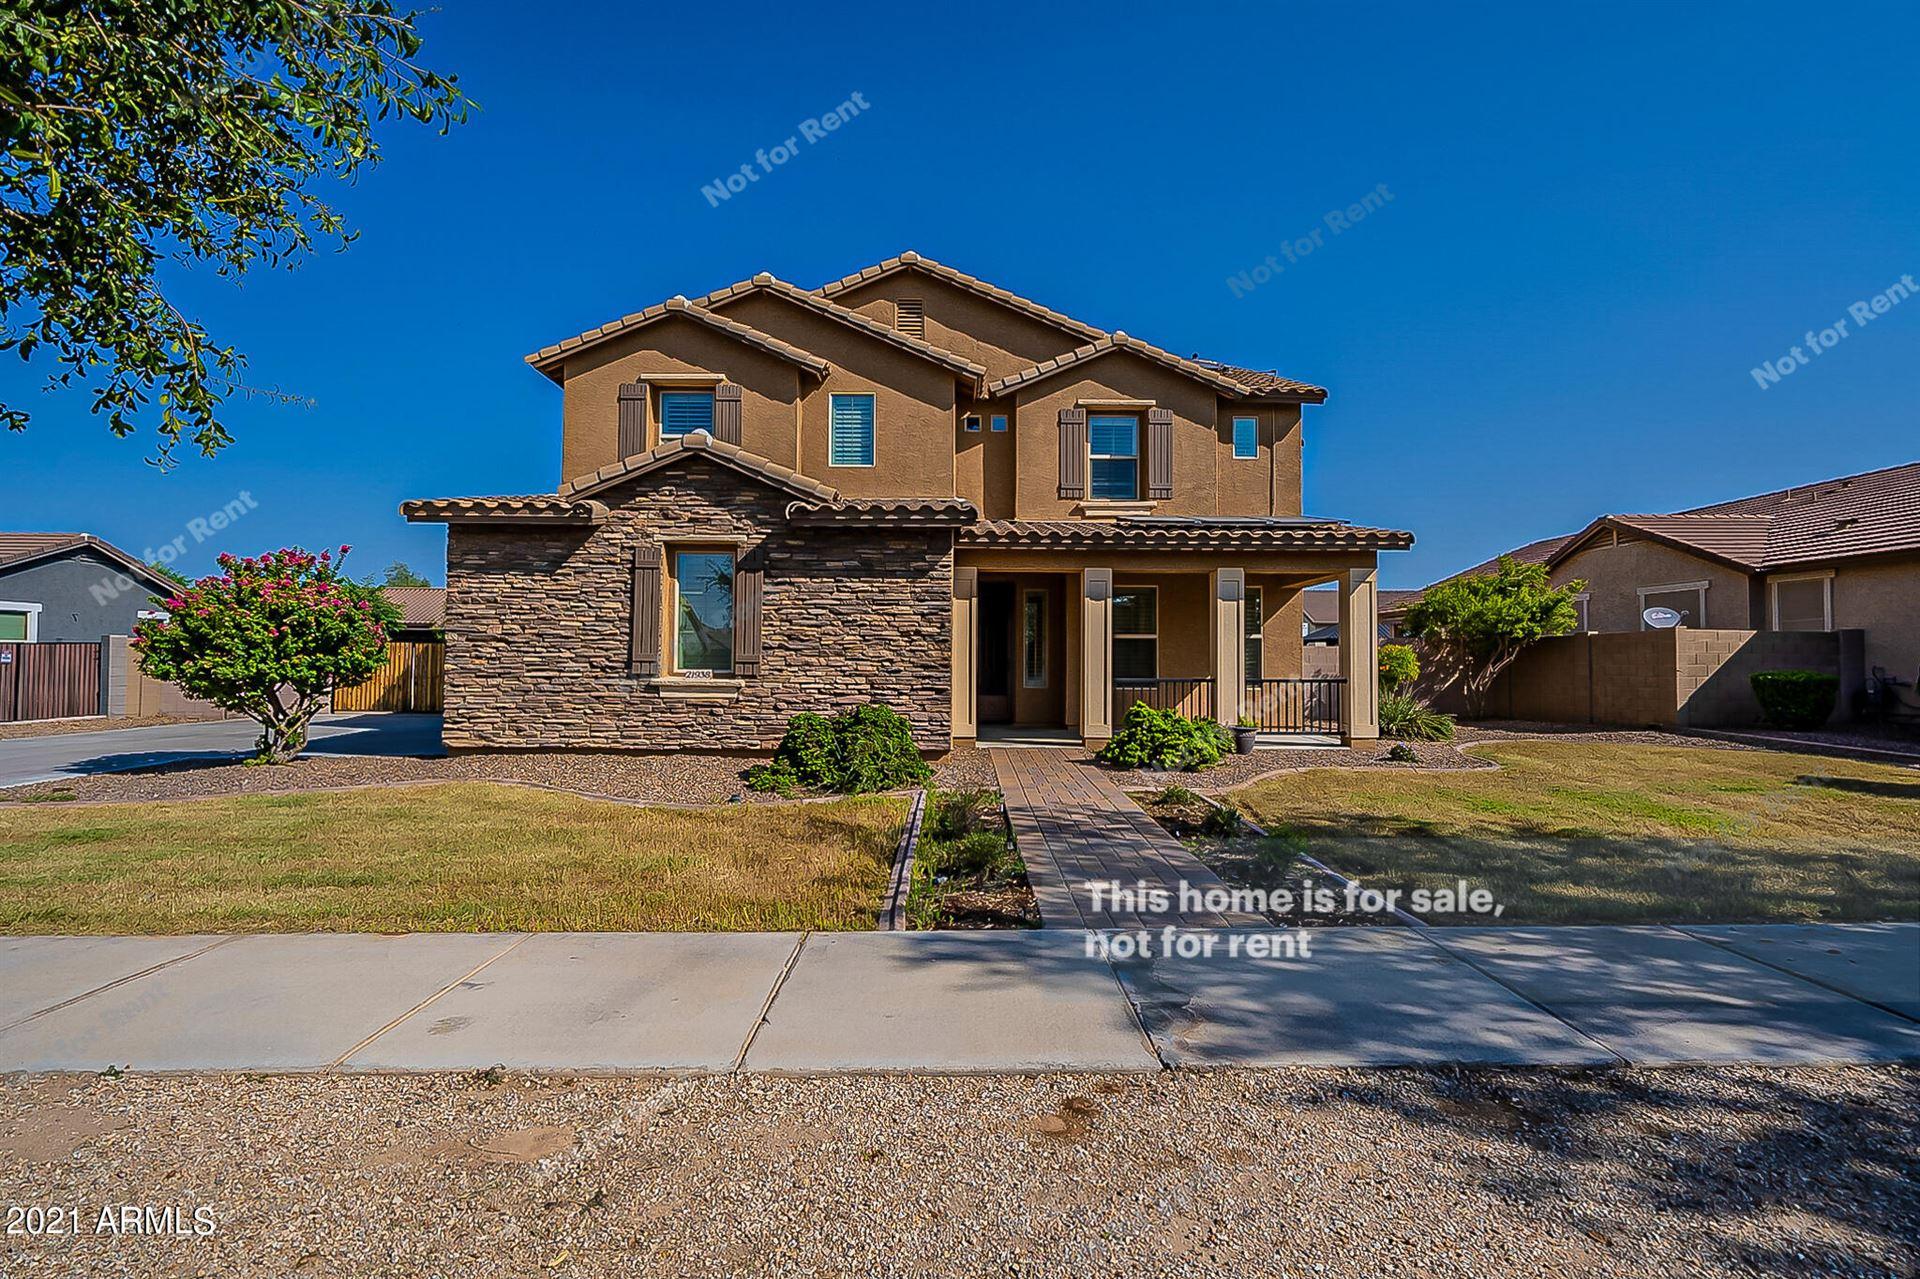 Photo of 21938 E ESCALANTE Road, Queen Creek, AZ 85142 (MLS # 6295098)